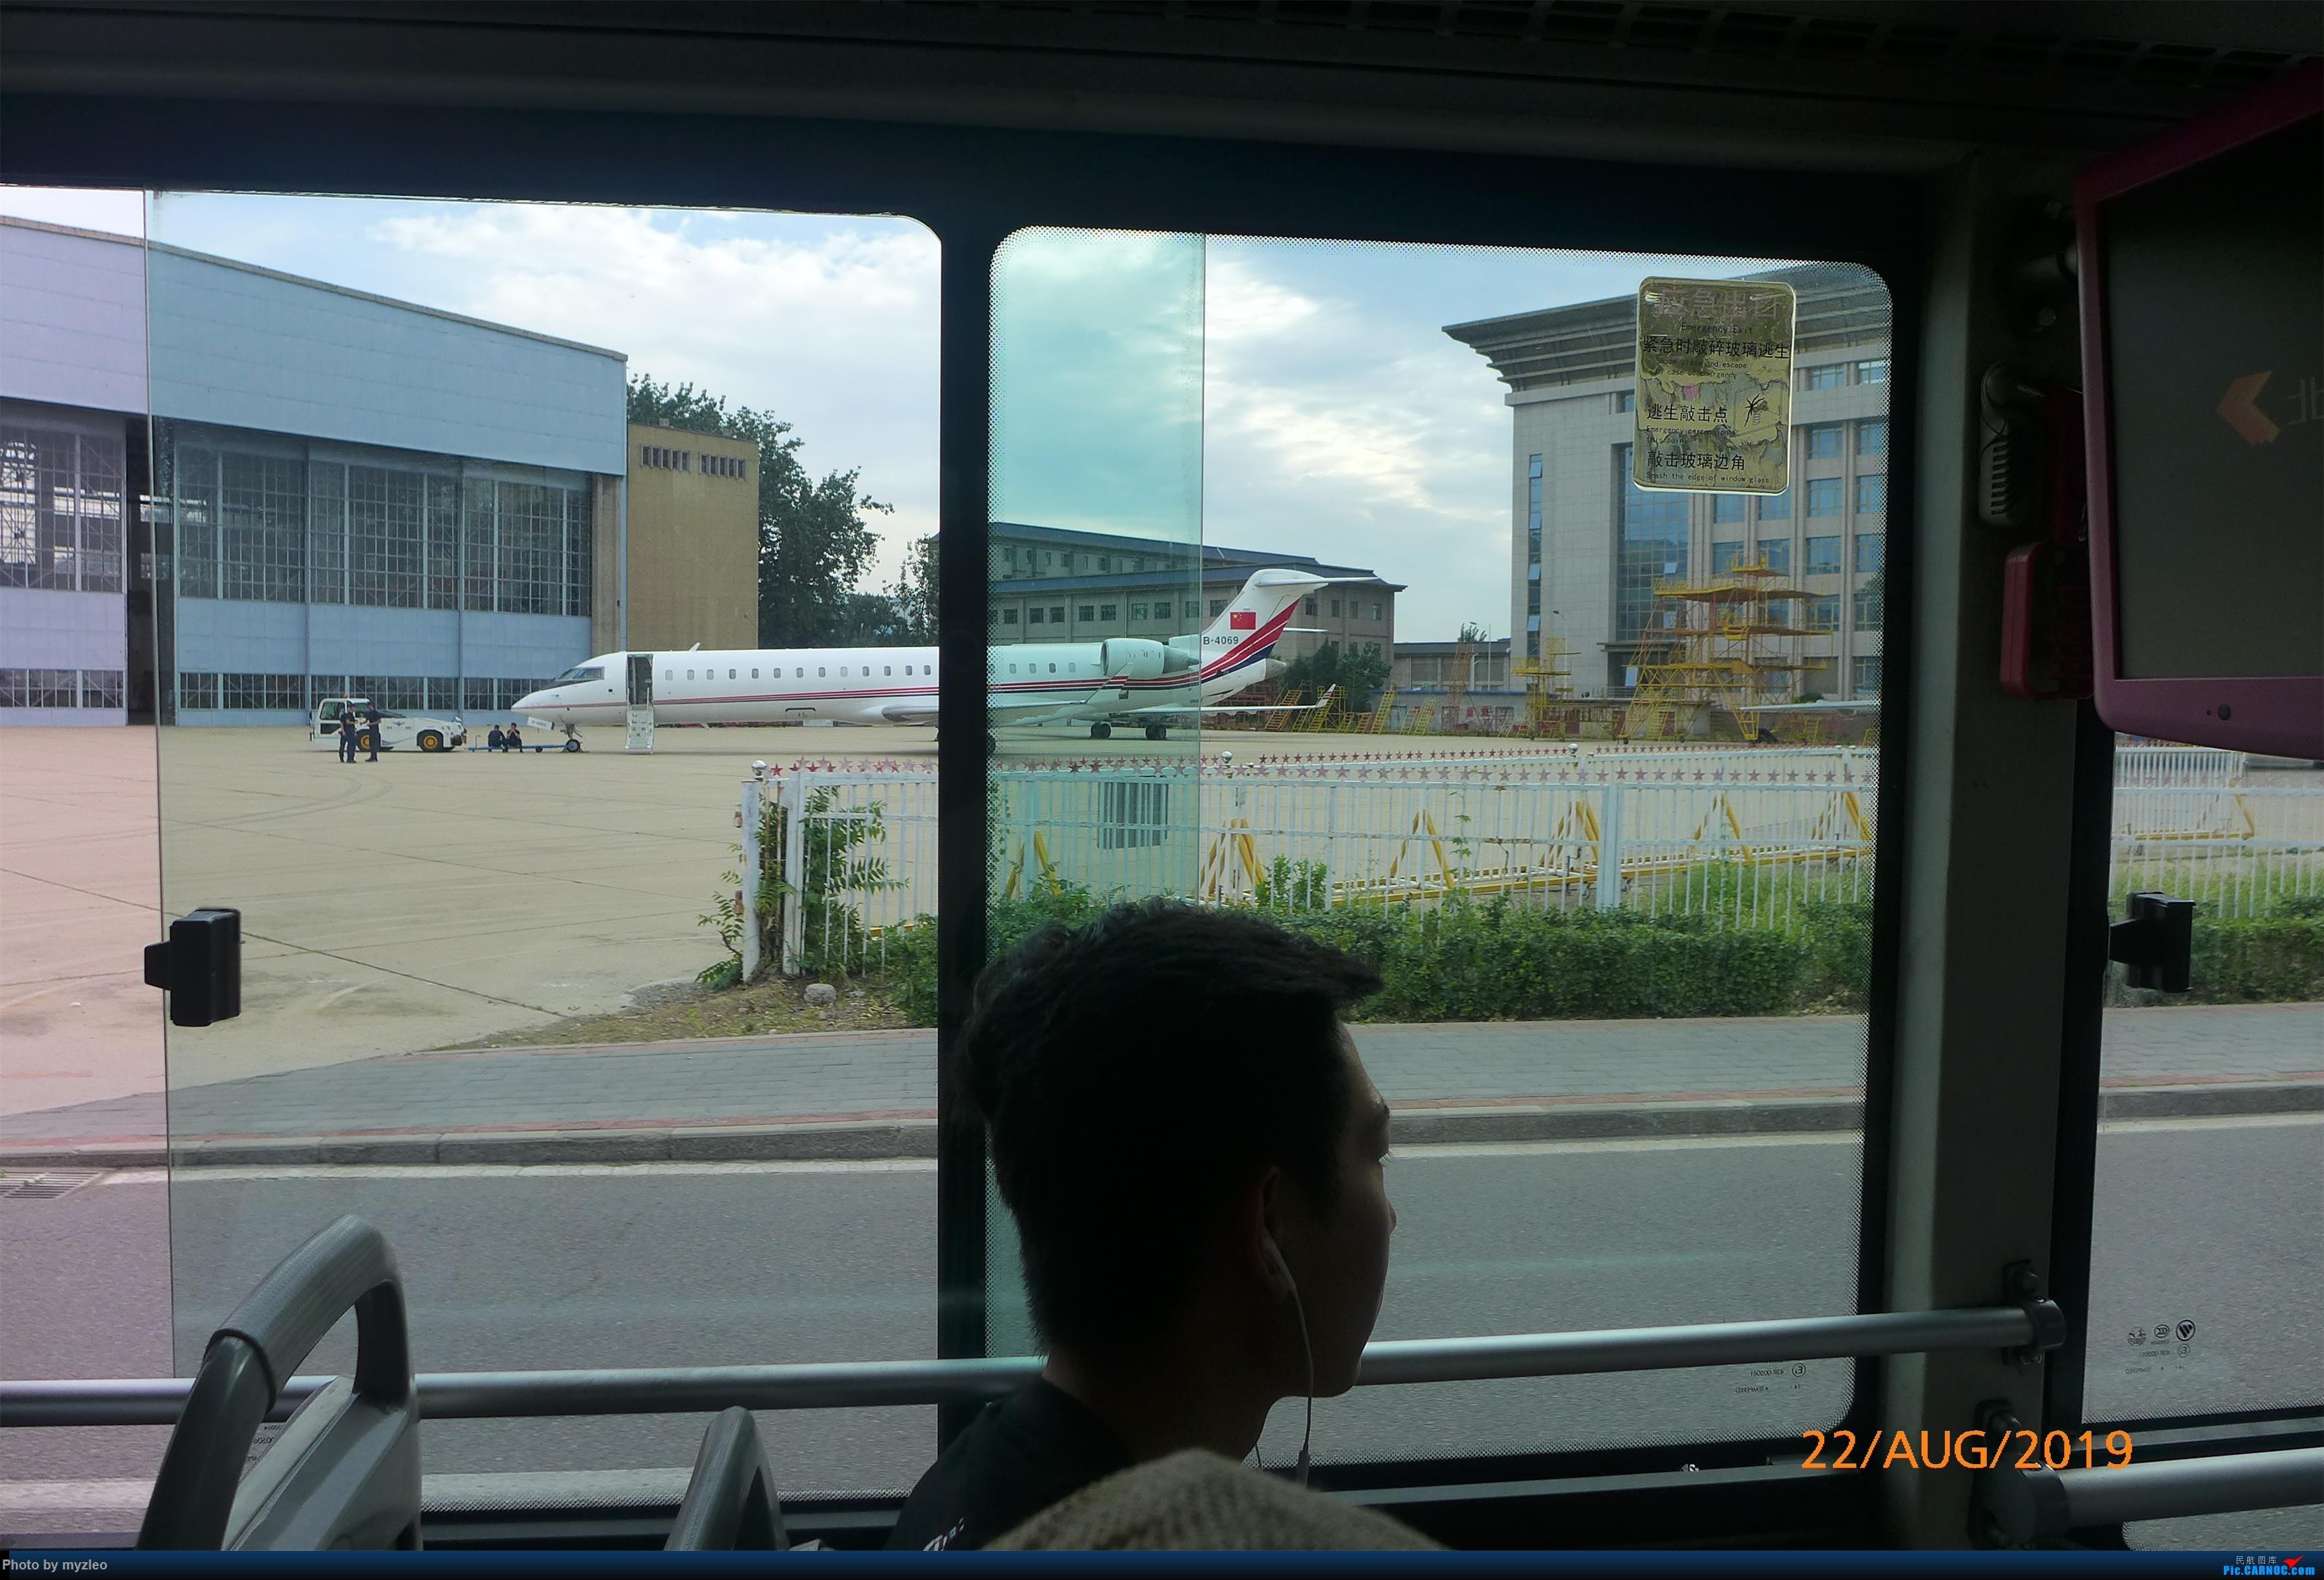 Re:[原创]【myzleo的游记5.2】梦圆一九(2)首访南苑把梦圆,初搭巴航连新缘 BOMBARDIER CRJ B-4069 中国北京南苑机场